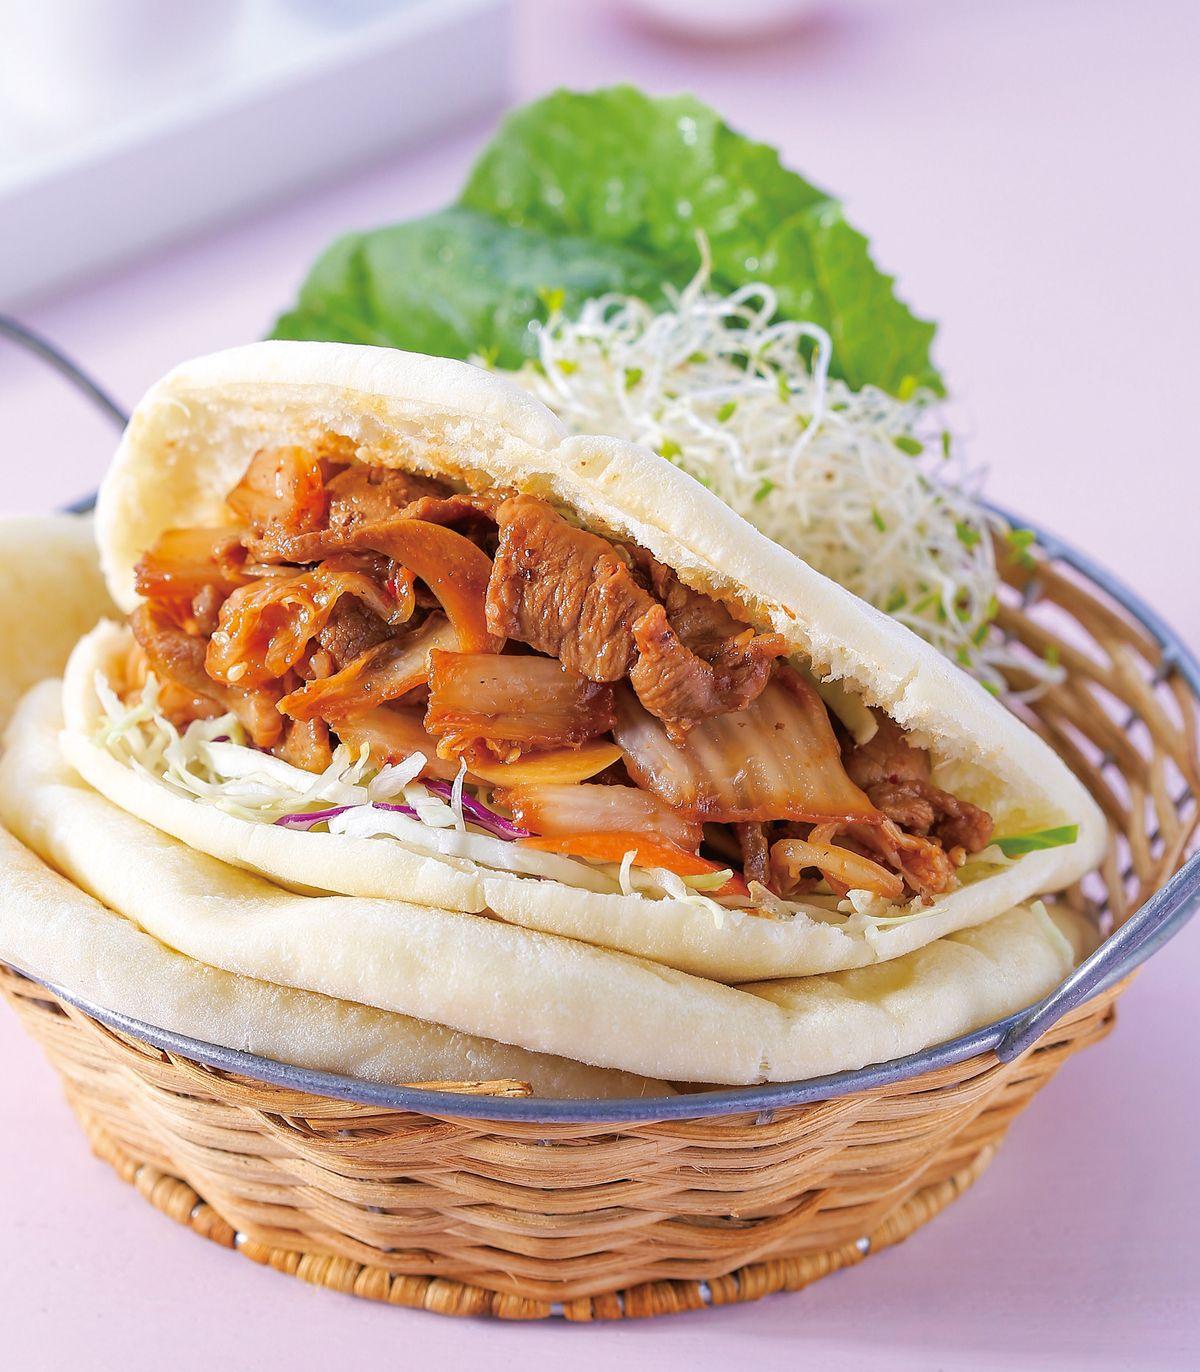 食譜:口袋餅燒肉沙拉